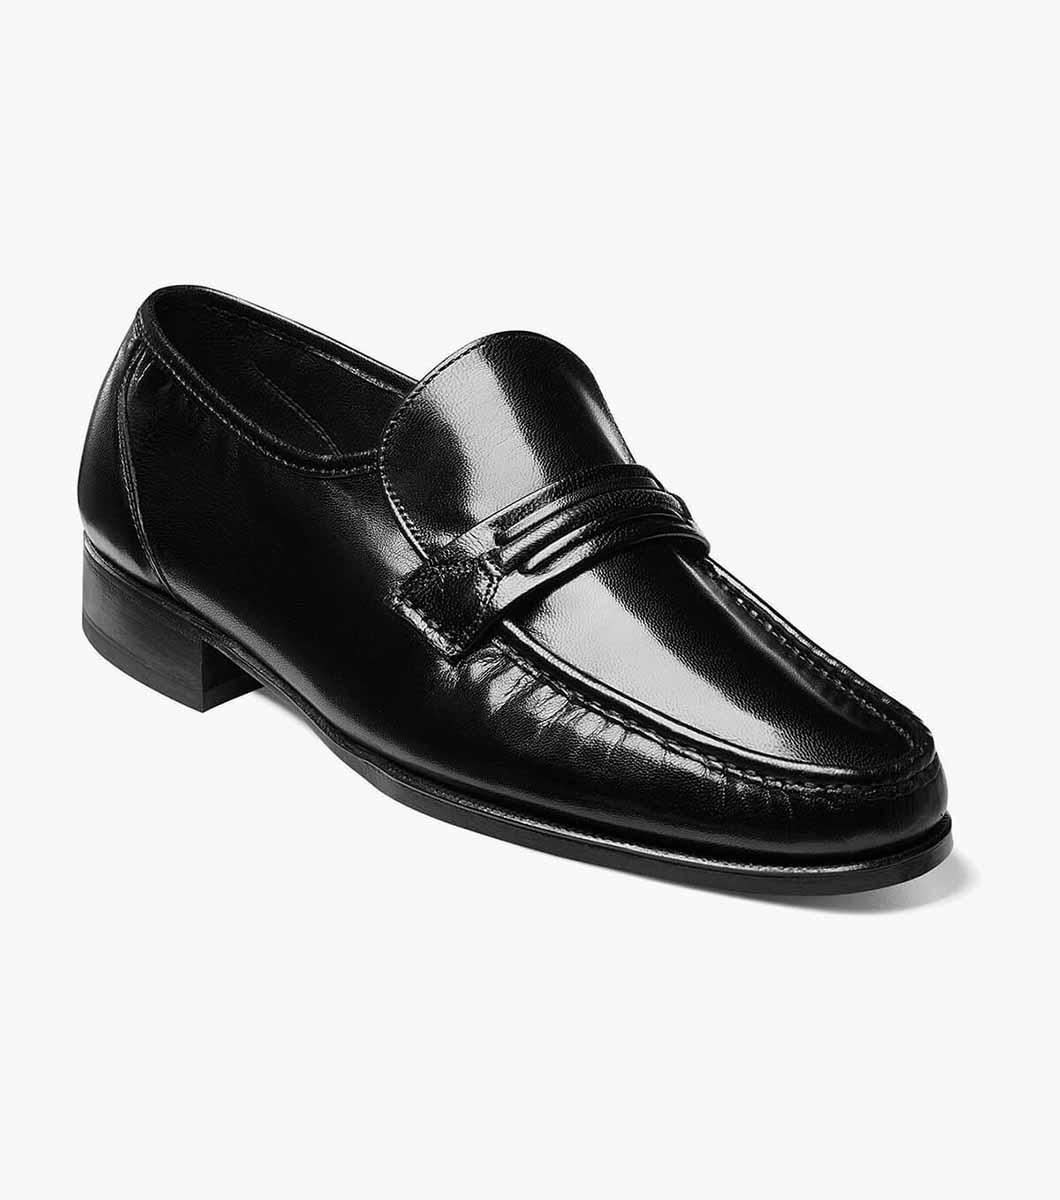 Florsheim Men's Como Moc Toe Leather